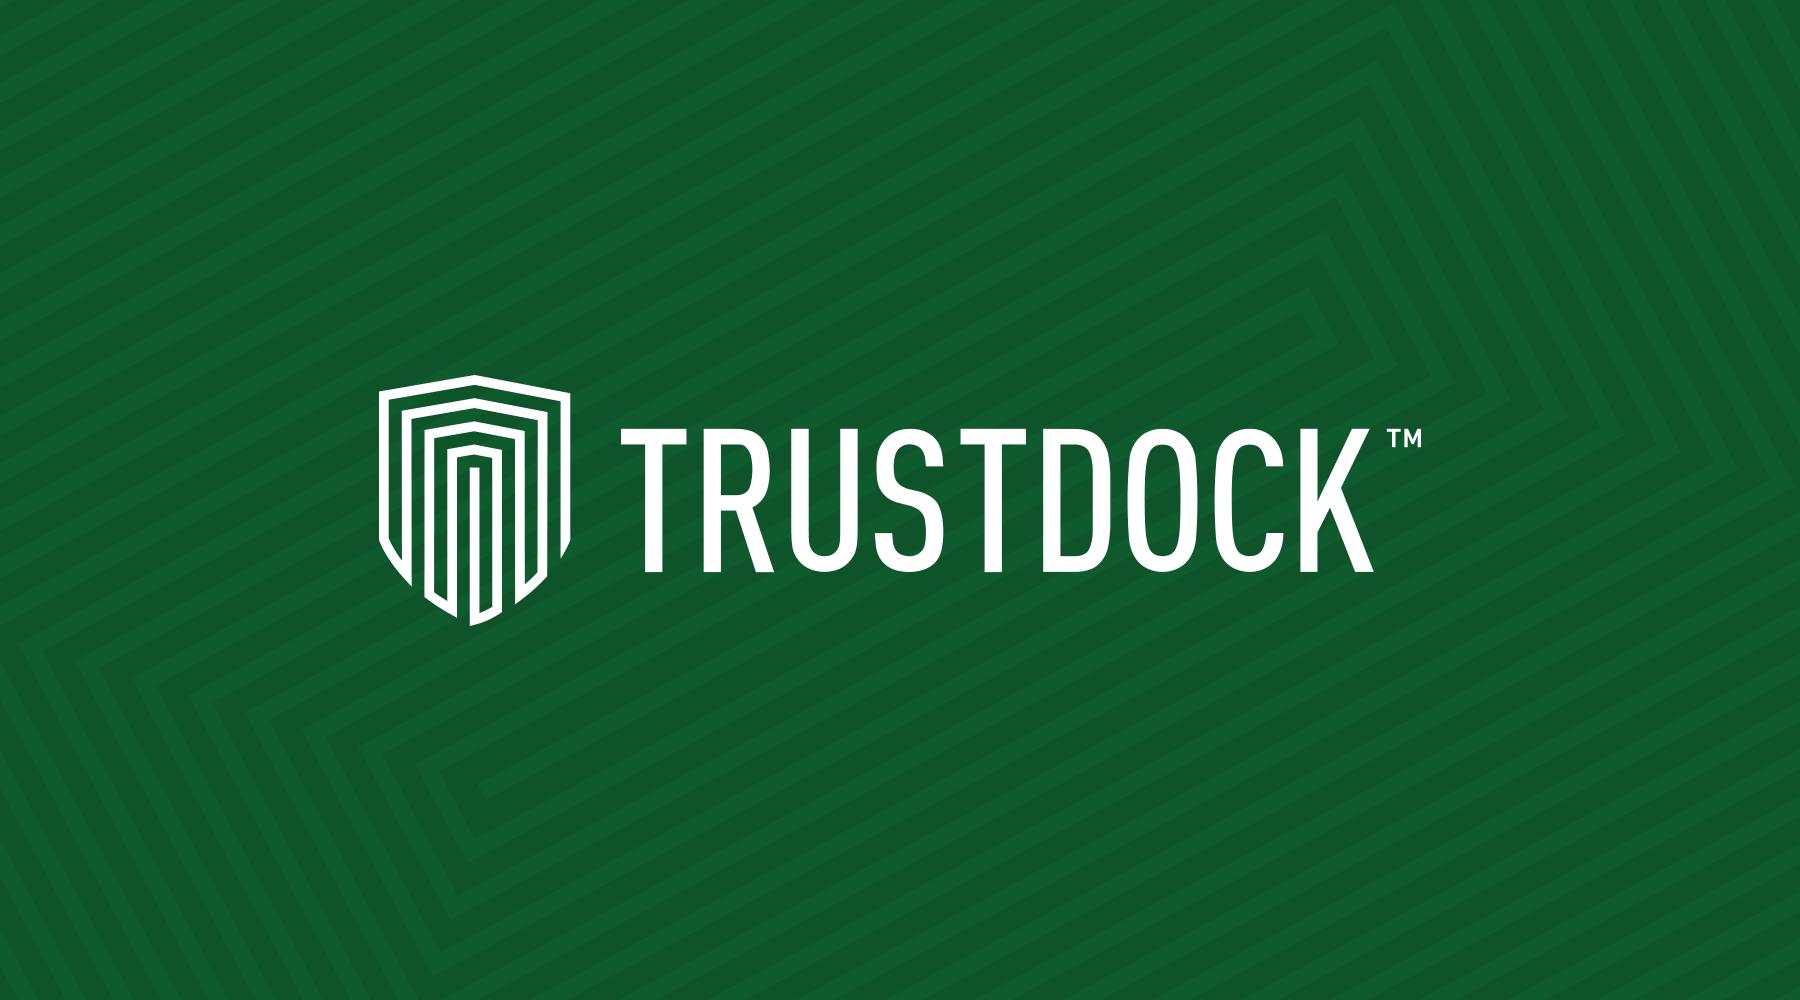 Trustdock